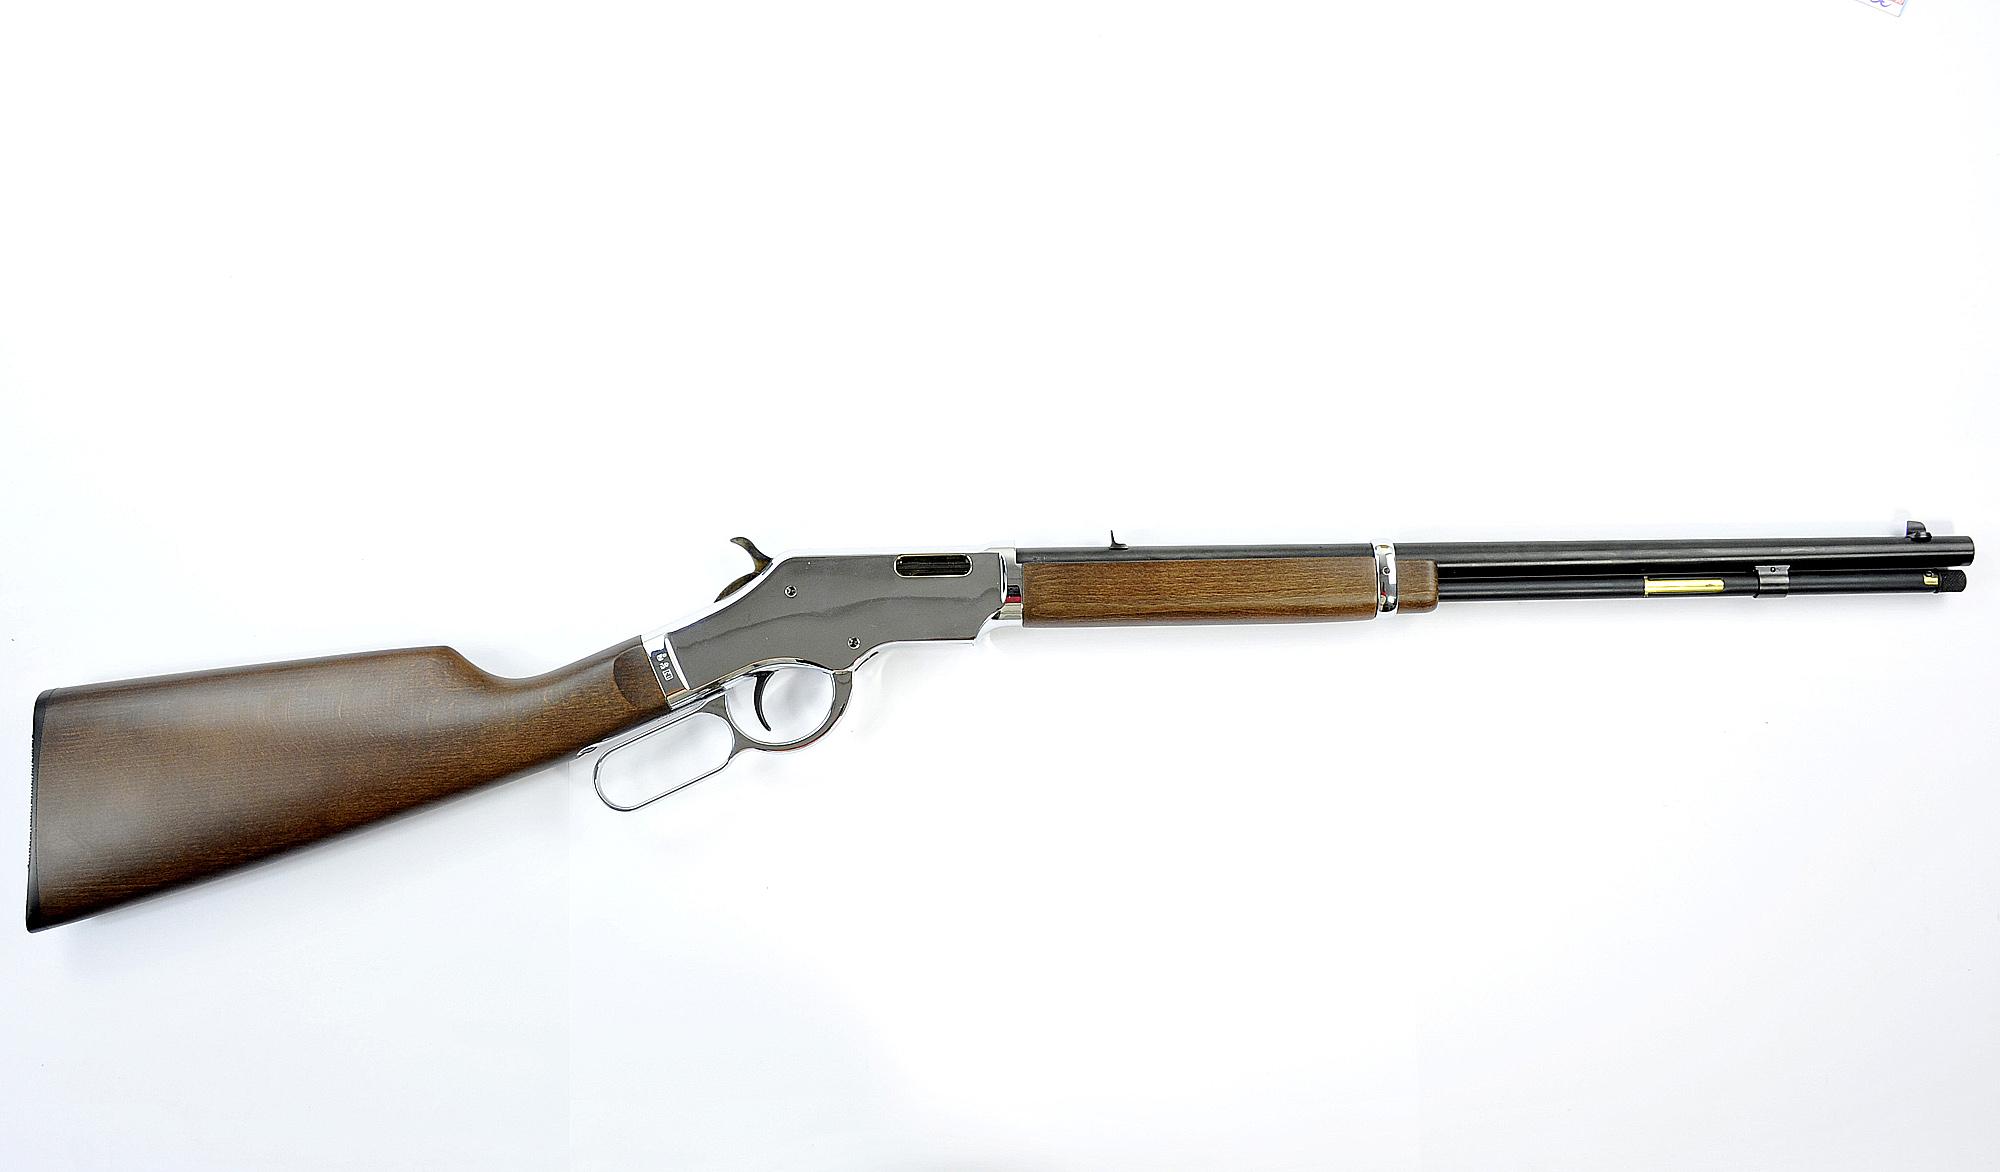 Uberti silverboy carabina a leva in calibro 22 uberti fucili rigati articoli - La xiarapina ...